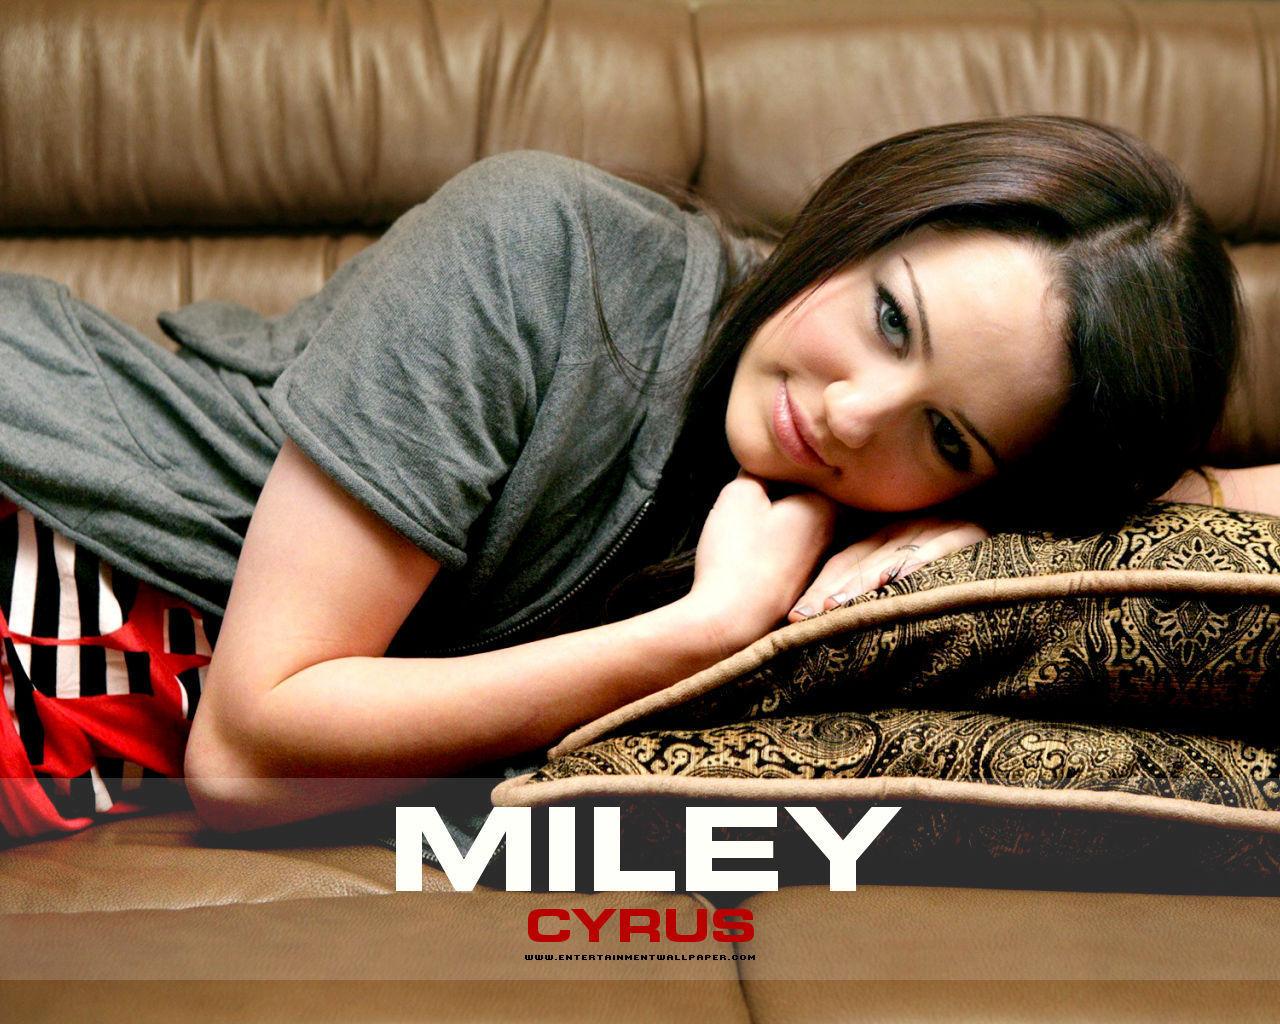 Miley - miley-cyrus wallpaper